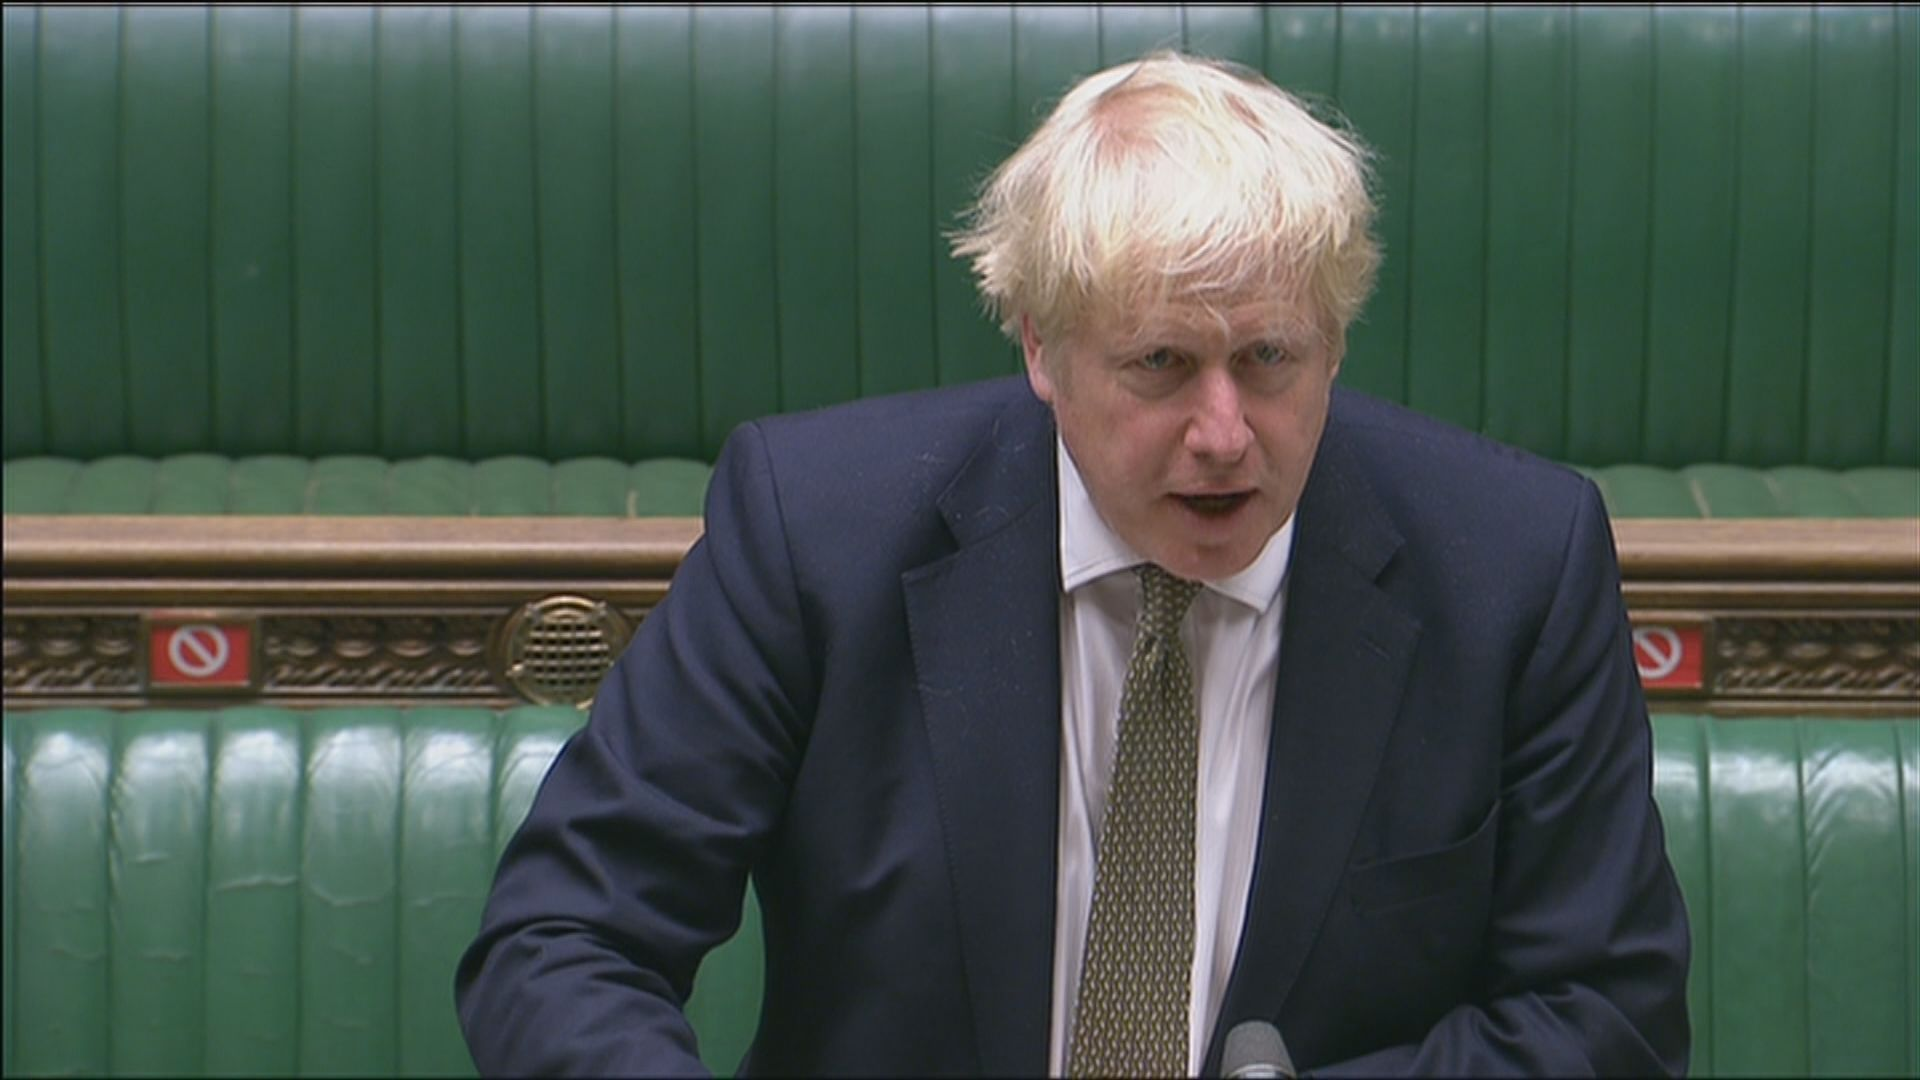 約翰遜公布英格蘭實施三級疫情警戒制度